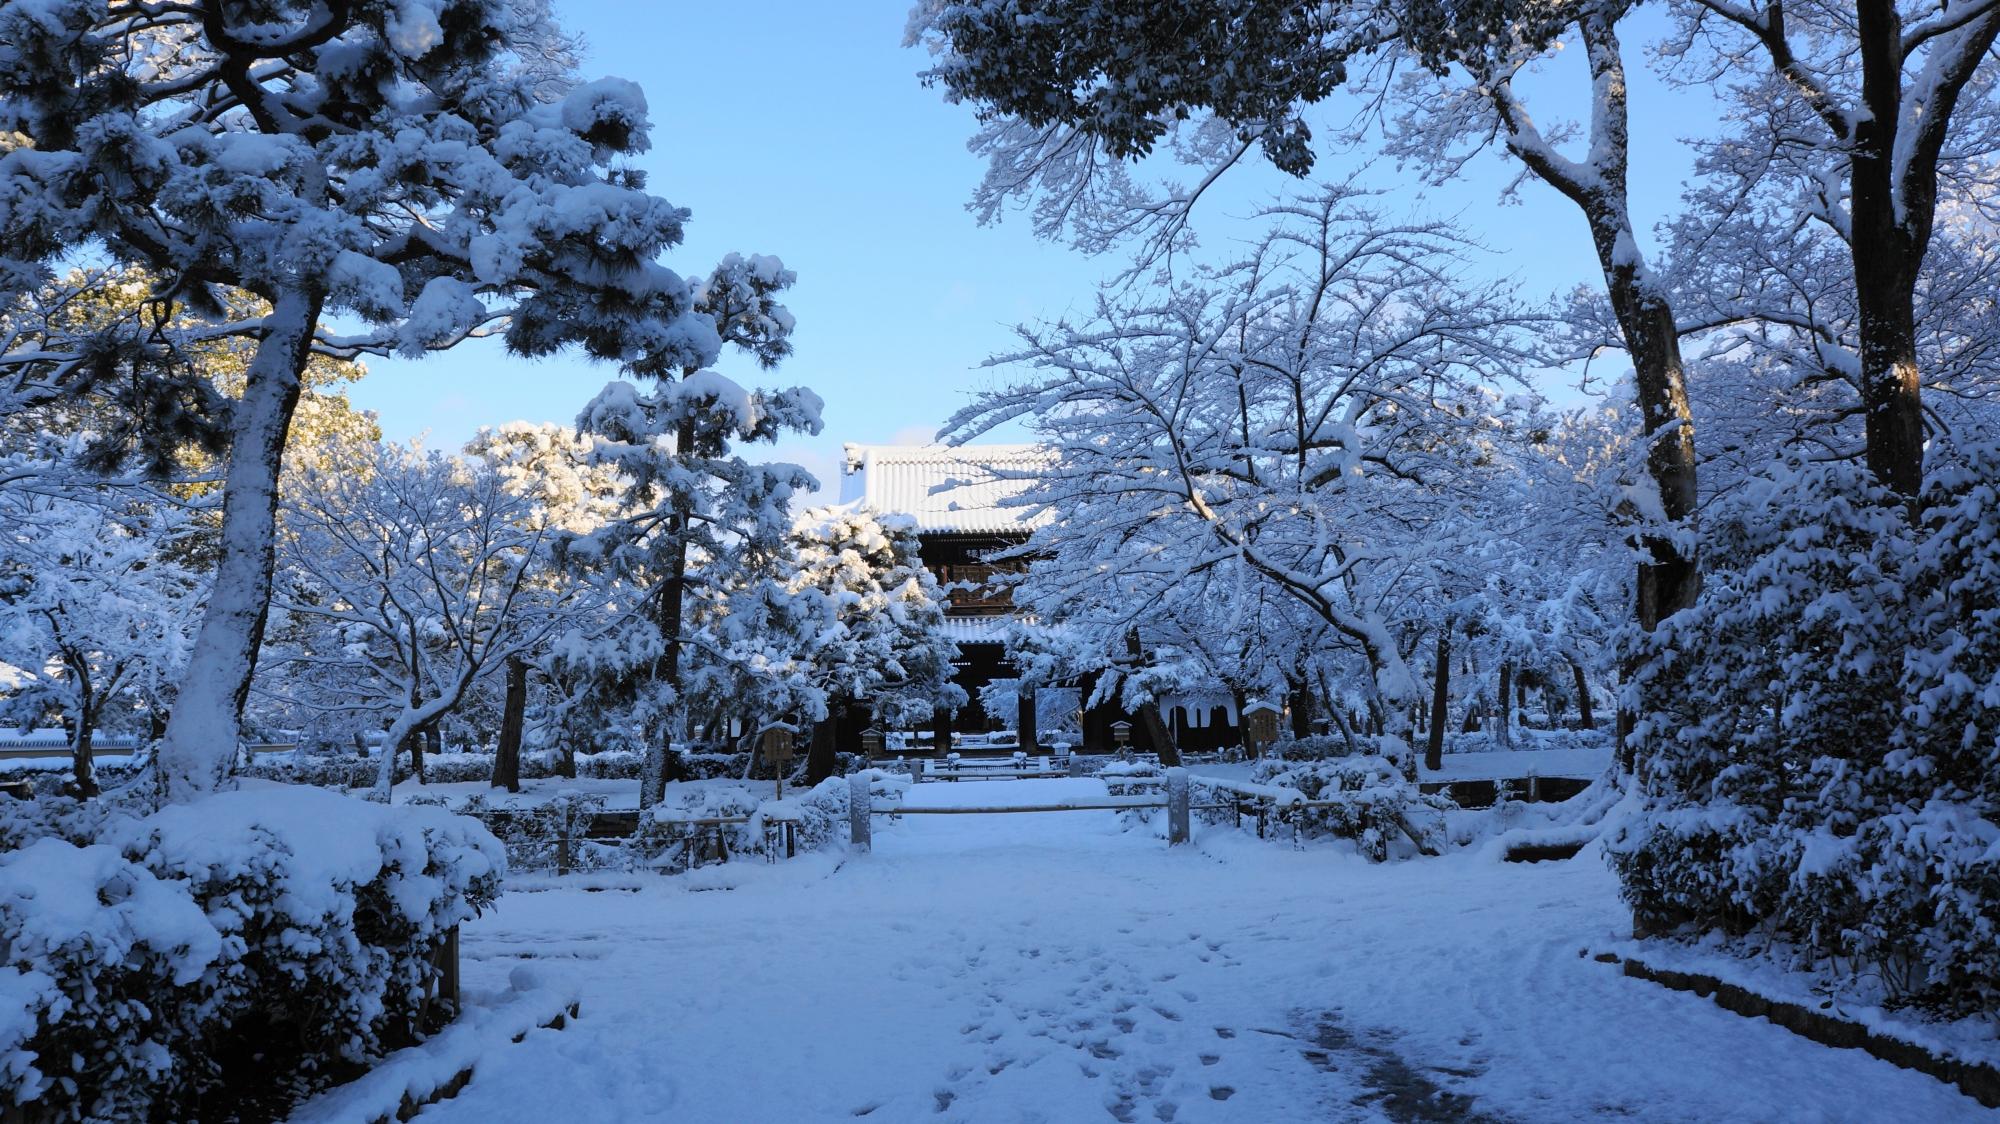 建仁寺の三門と周辺の雪景色